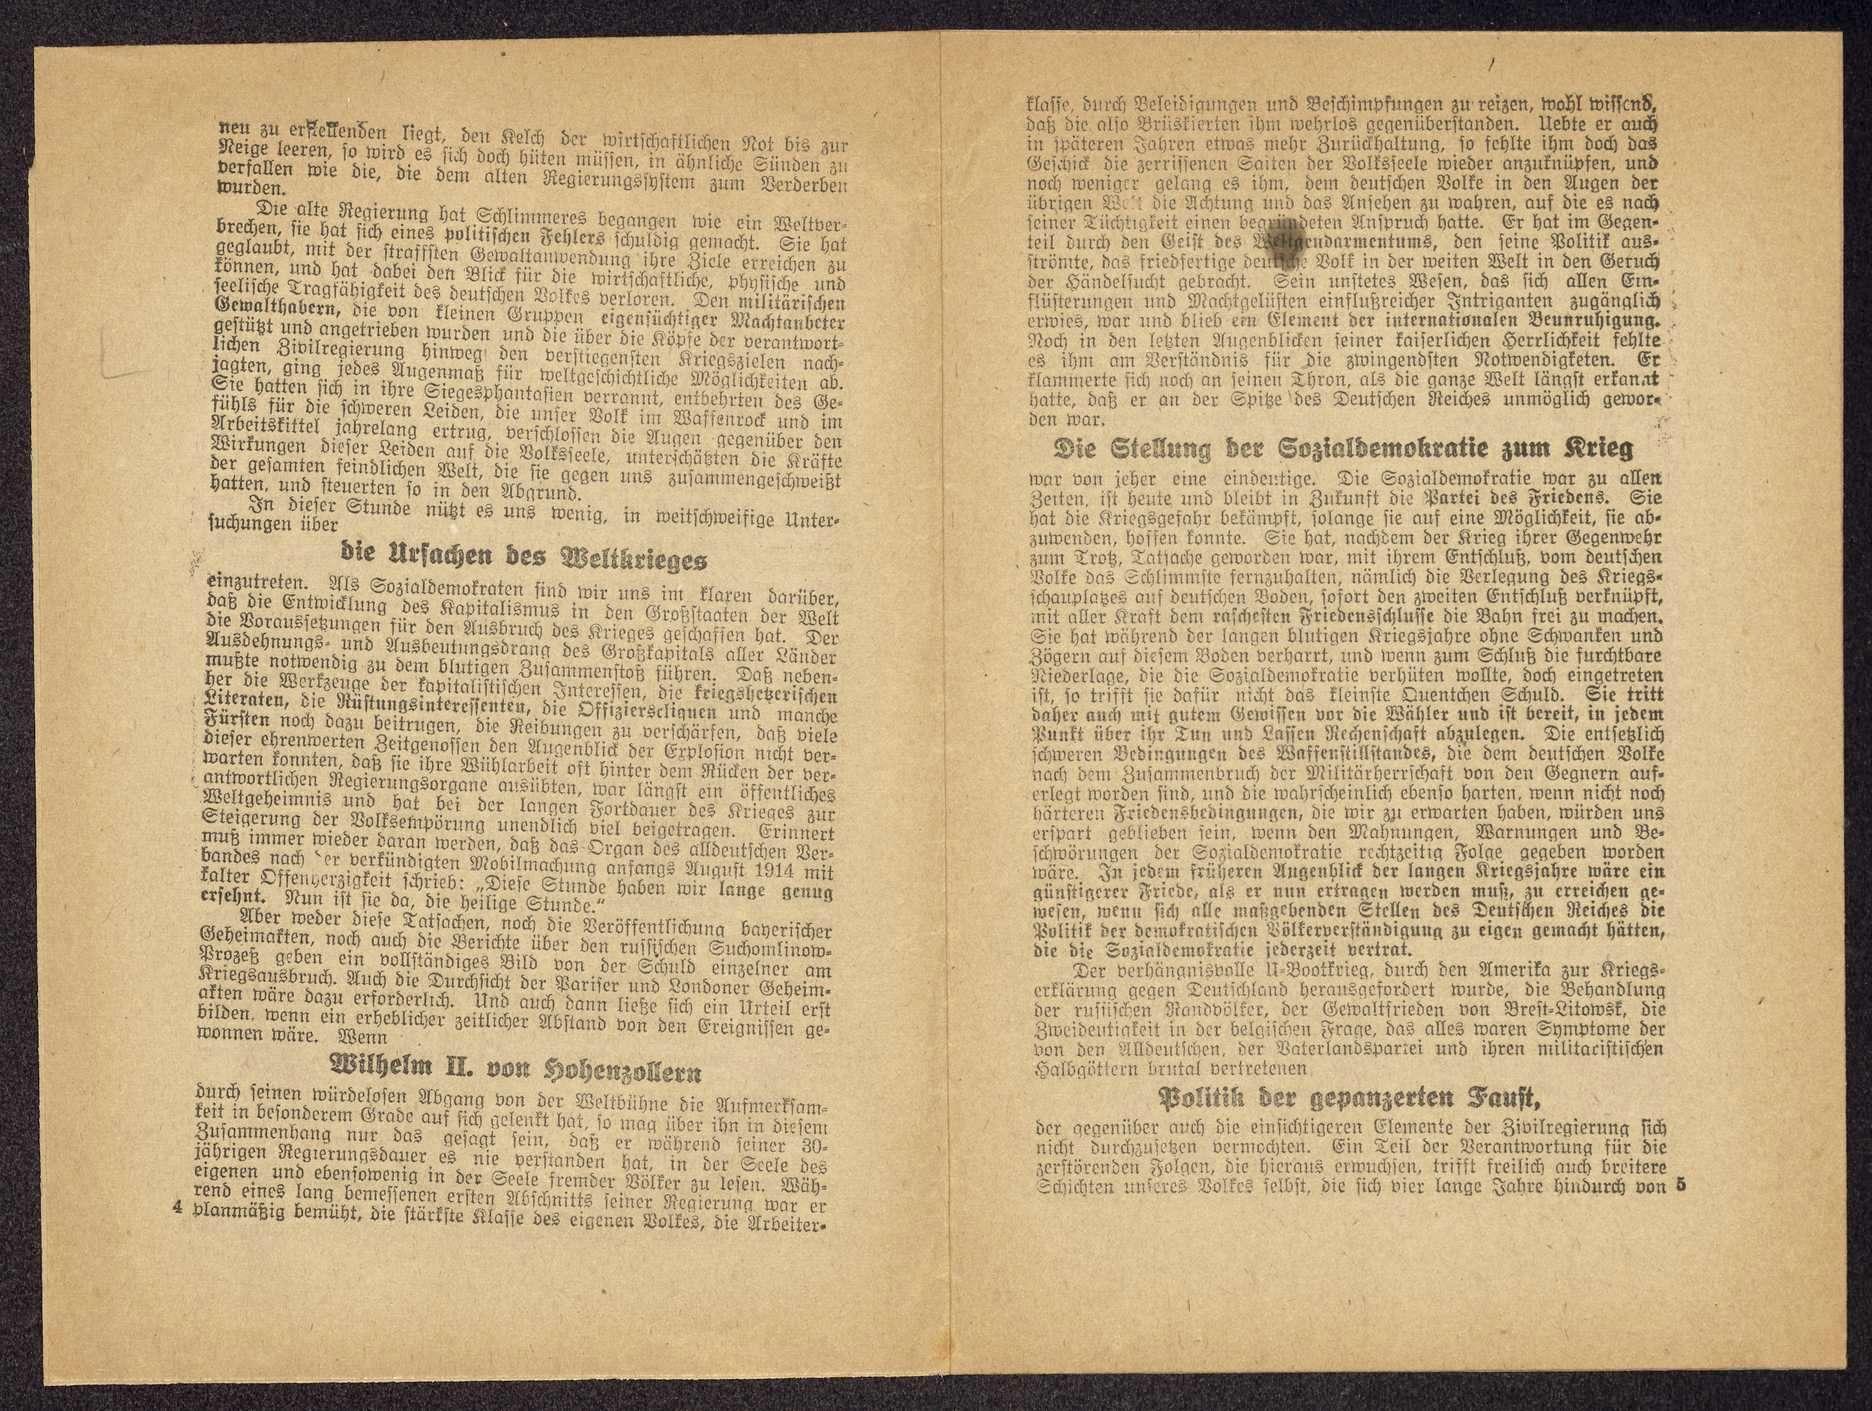 Wilhelm Keil: Die Sozialdemokratie und die Erneuerung Deutschlands. Vortrag ... auf der außerordentlichen Landesversammlung der Sozialdemokraten Württembergs am 21. Dezember 1918 (Schwäbische Tagwacht G.m.b.H., Stuttgart), Bild 3